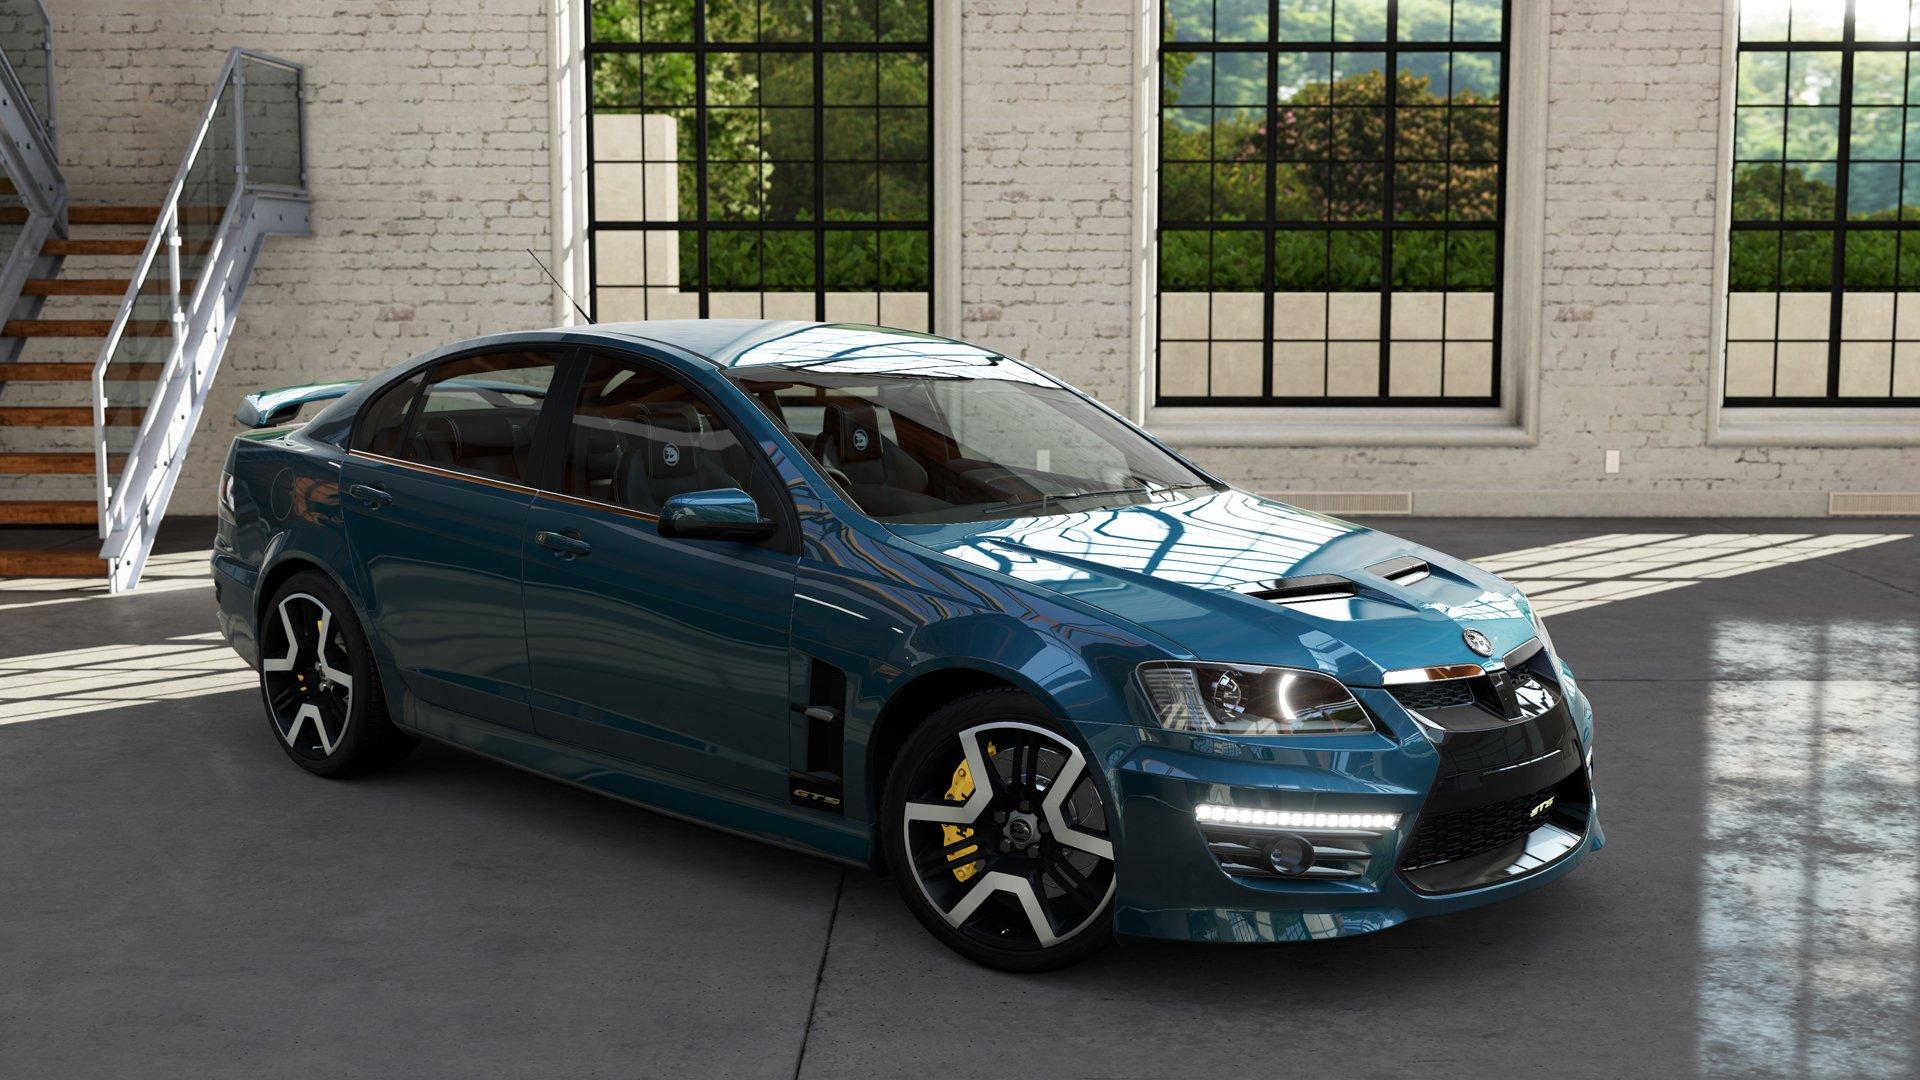 Forza-Horizon-4-HSV-GTS